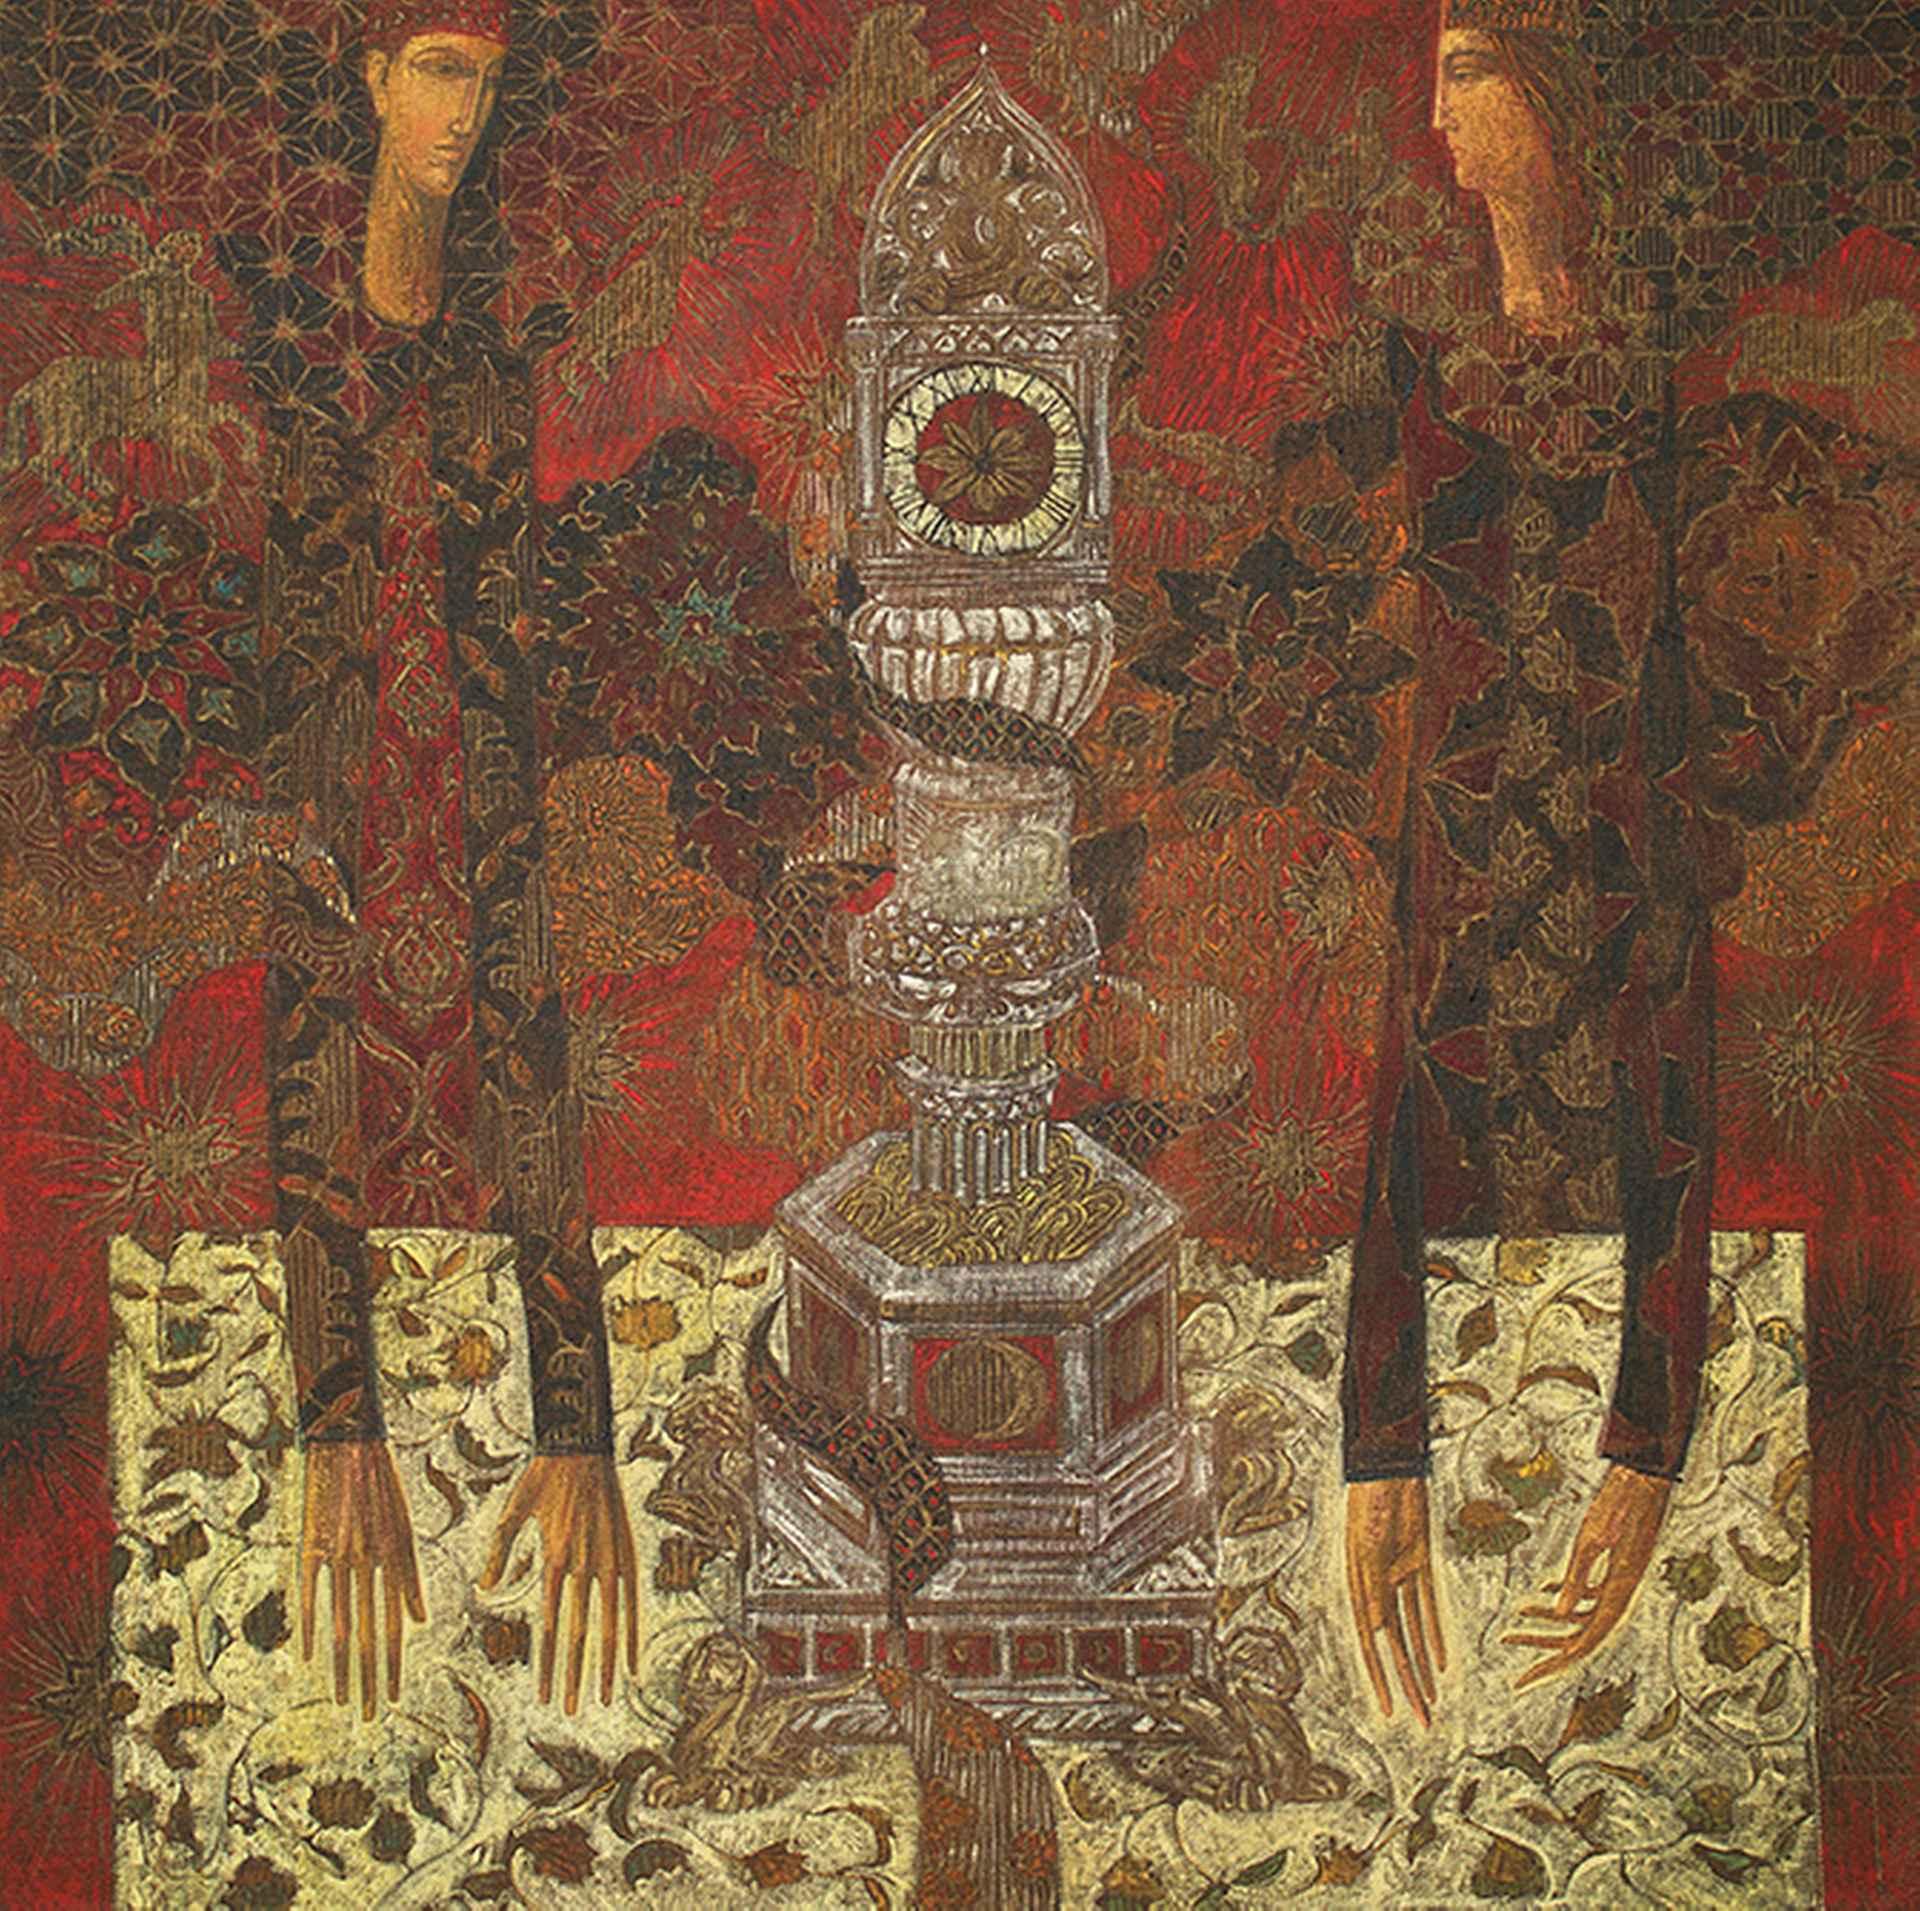 Eternity by Timur D'Vatz